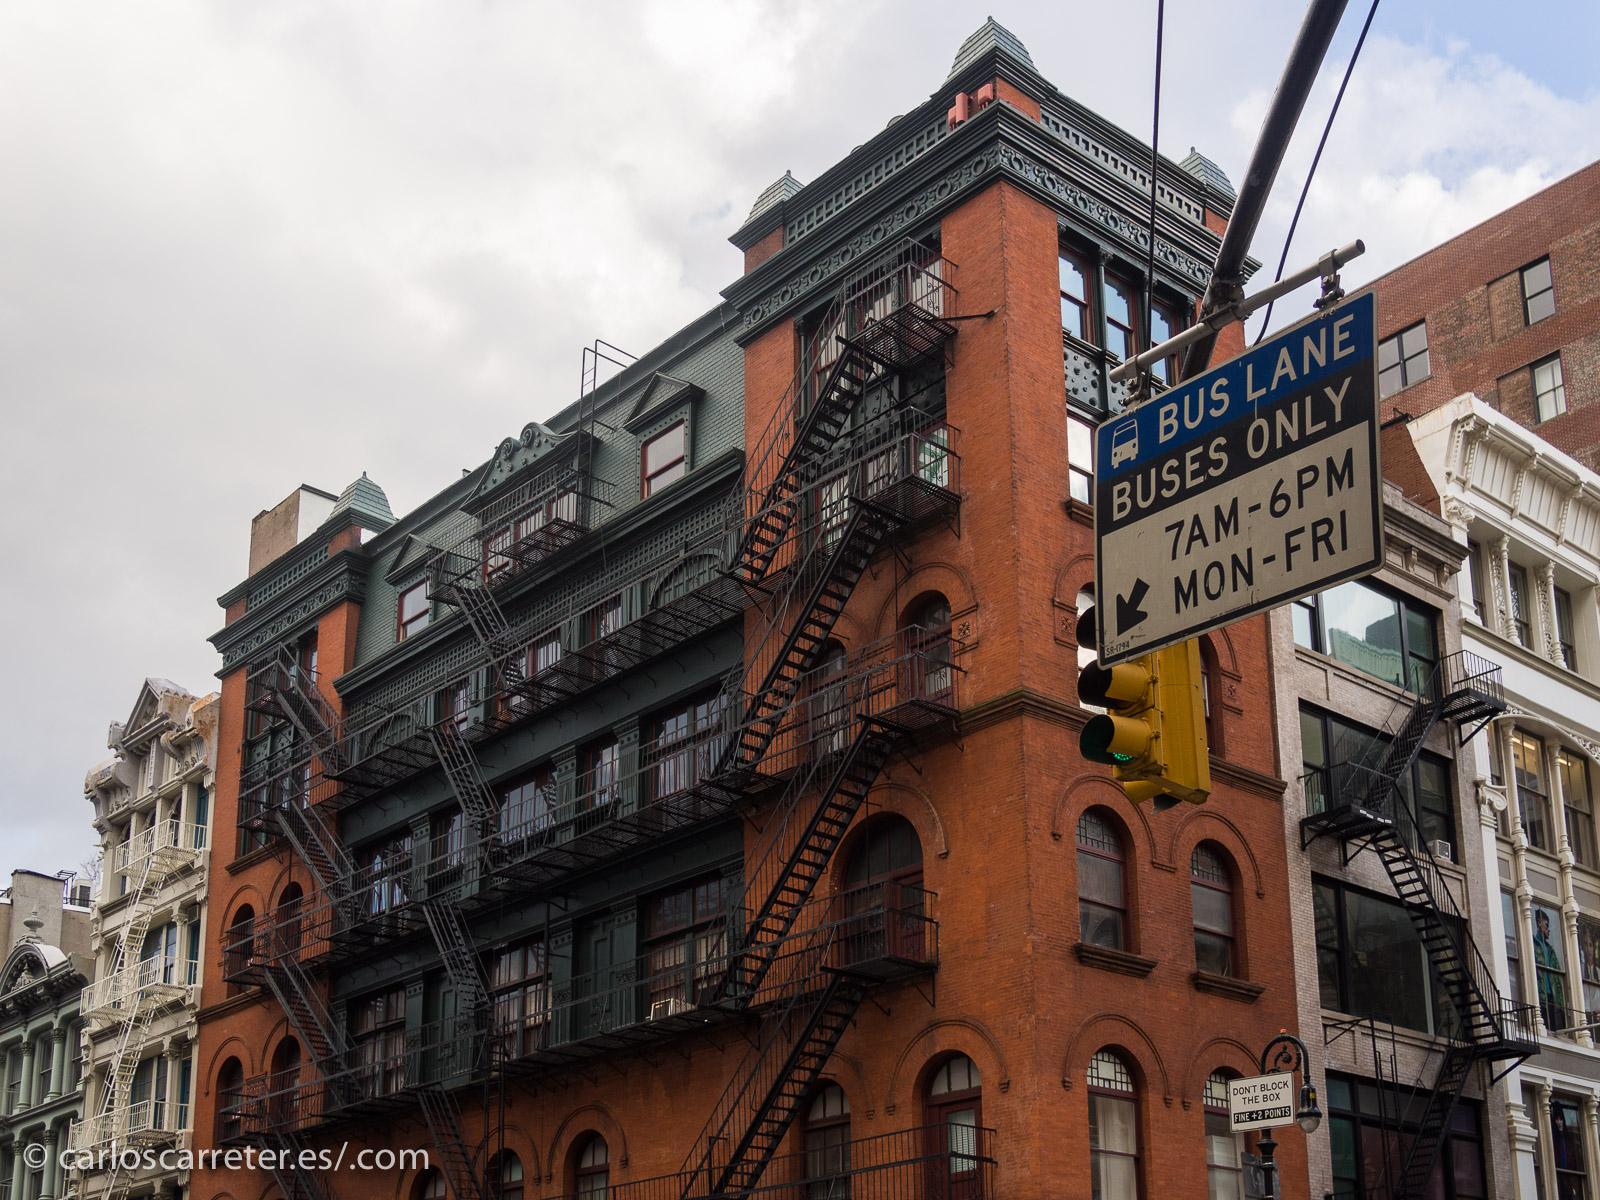 Ningún sitio en especial, el paisaje en torno al SoHo y Bowery como sale en el filme.